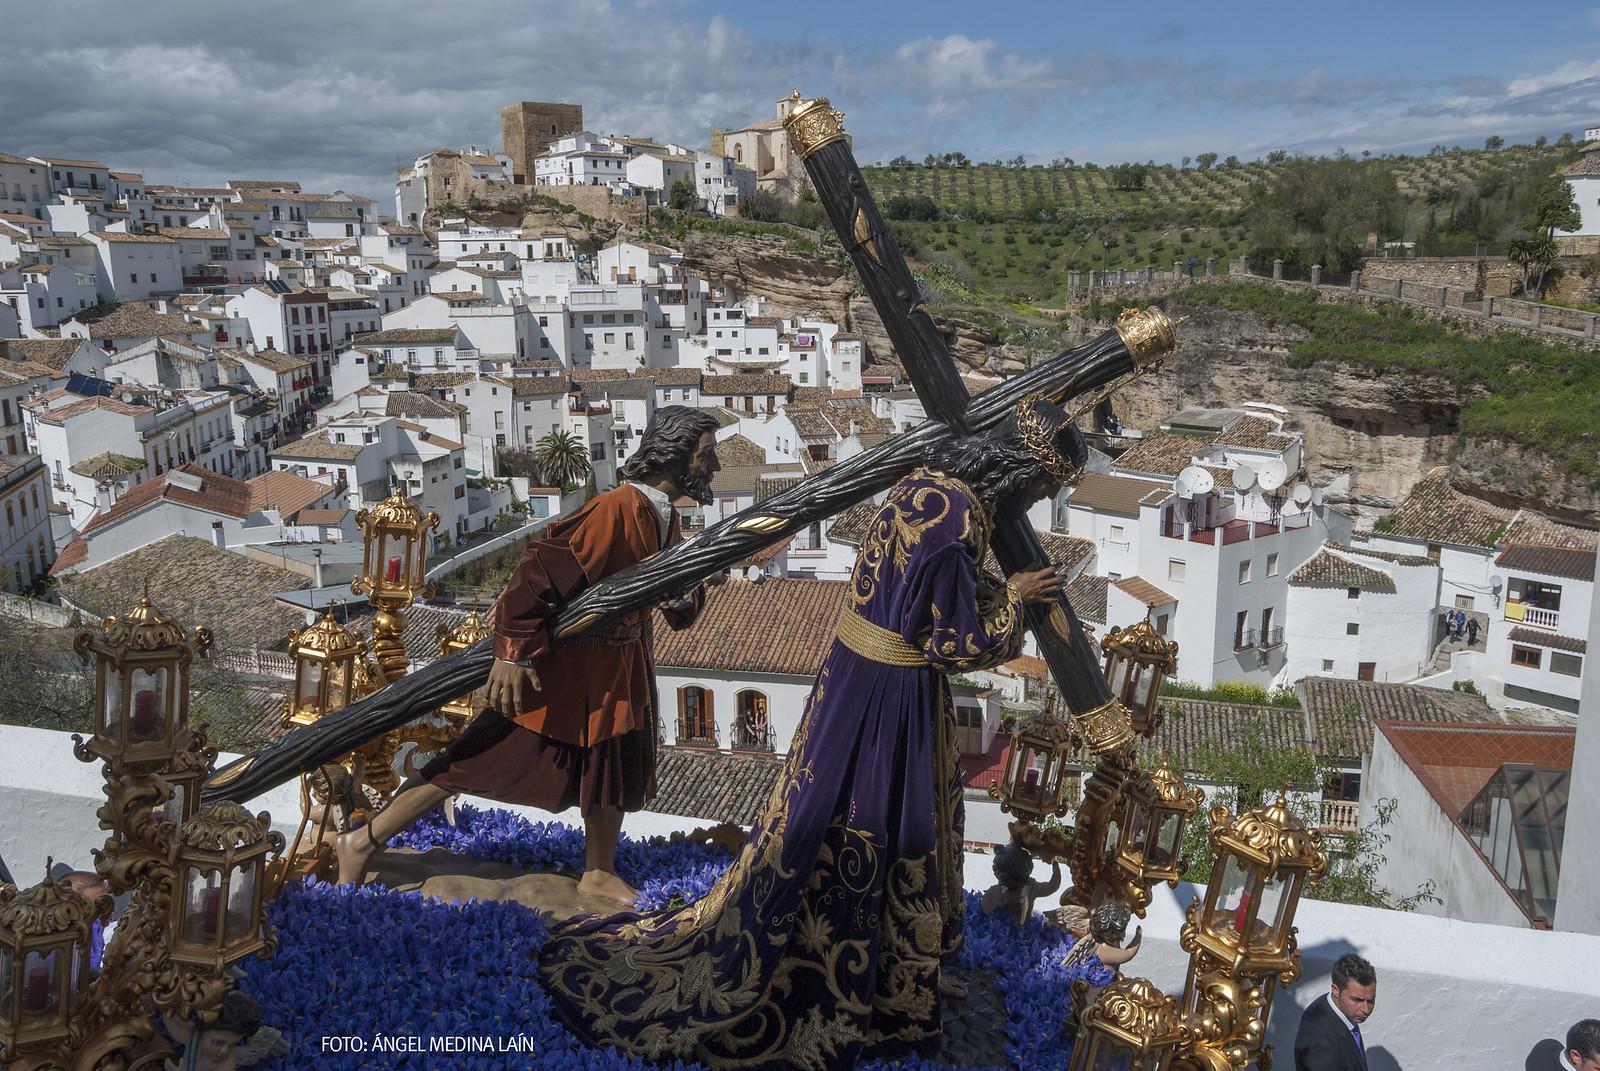 Padre Jesús desciende por la calle Cantarería, con la fortaleza medieval al fondo. Setenil ofrece un escenario único para la Semana Santa. Foto: ÁNGEL MEDINA LAÍN